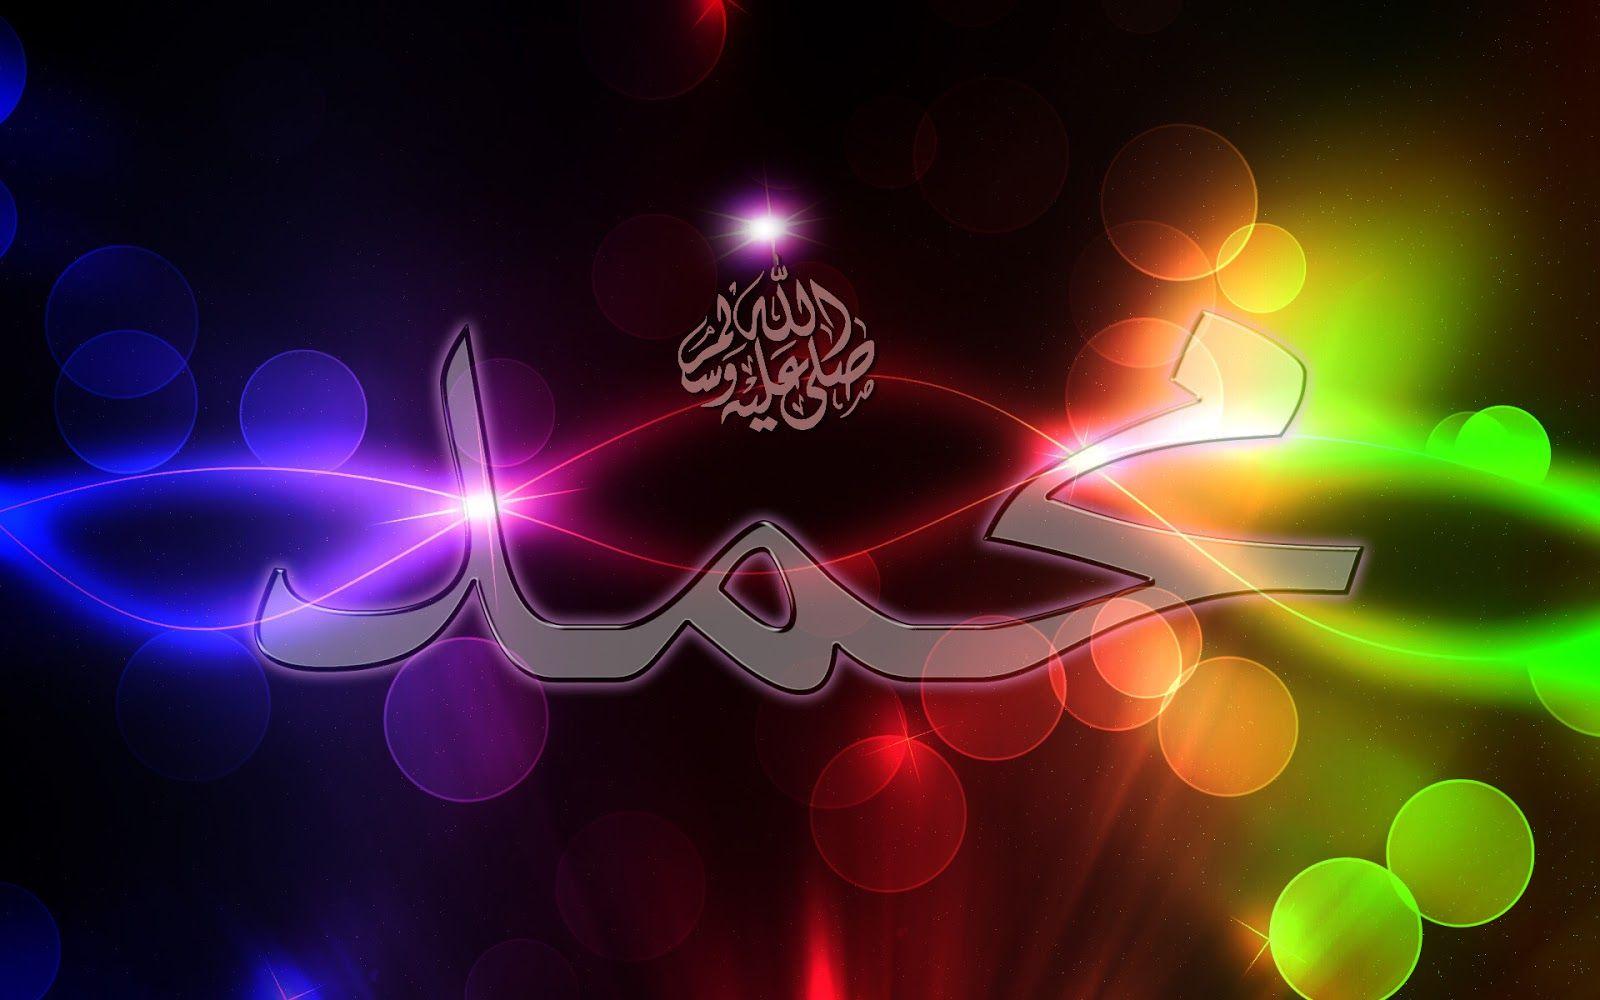 صور خلفيات دينيه , بطاقات اسلاميه للديسكتوب